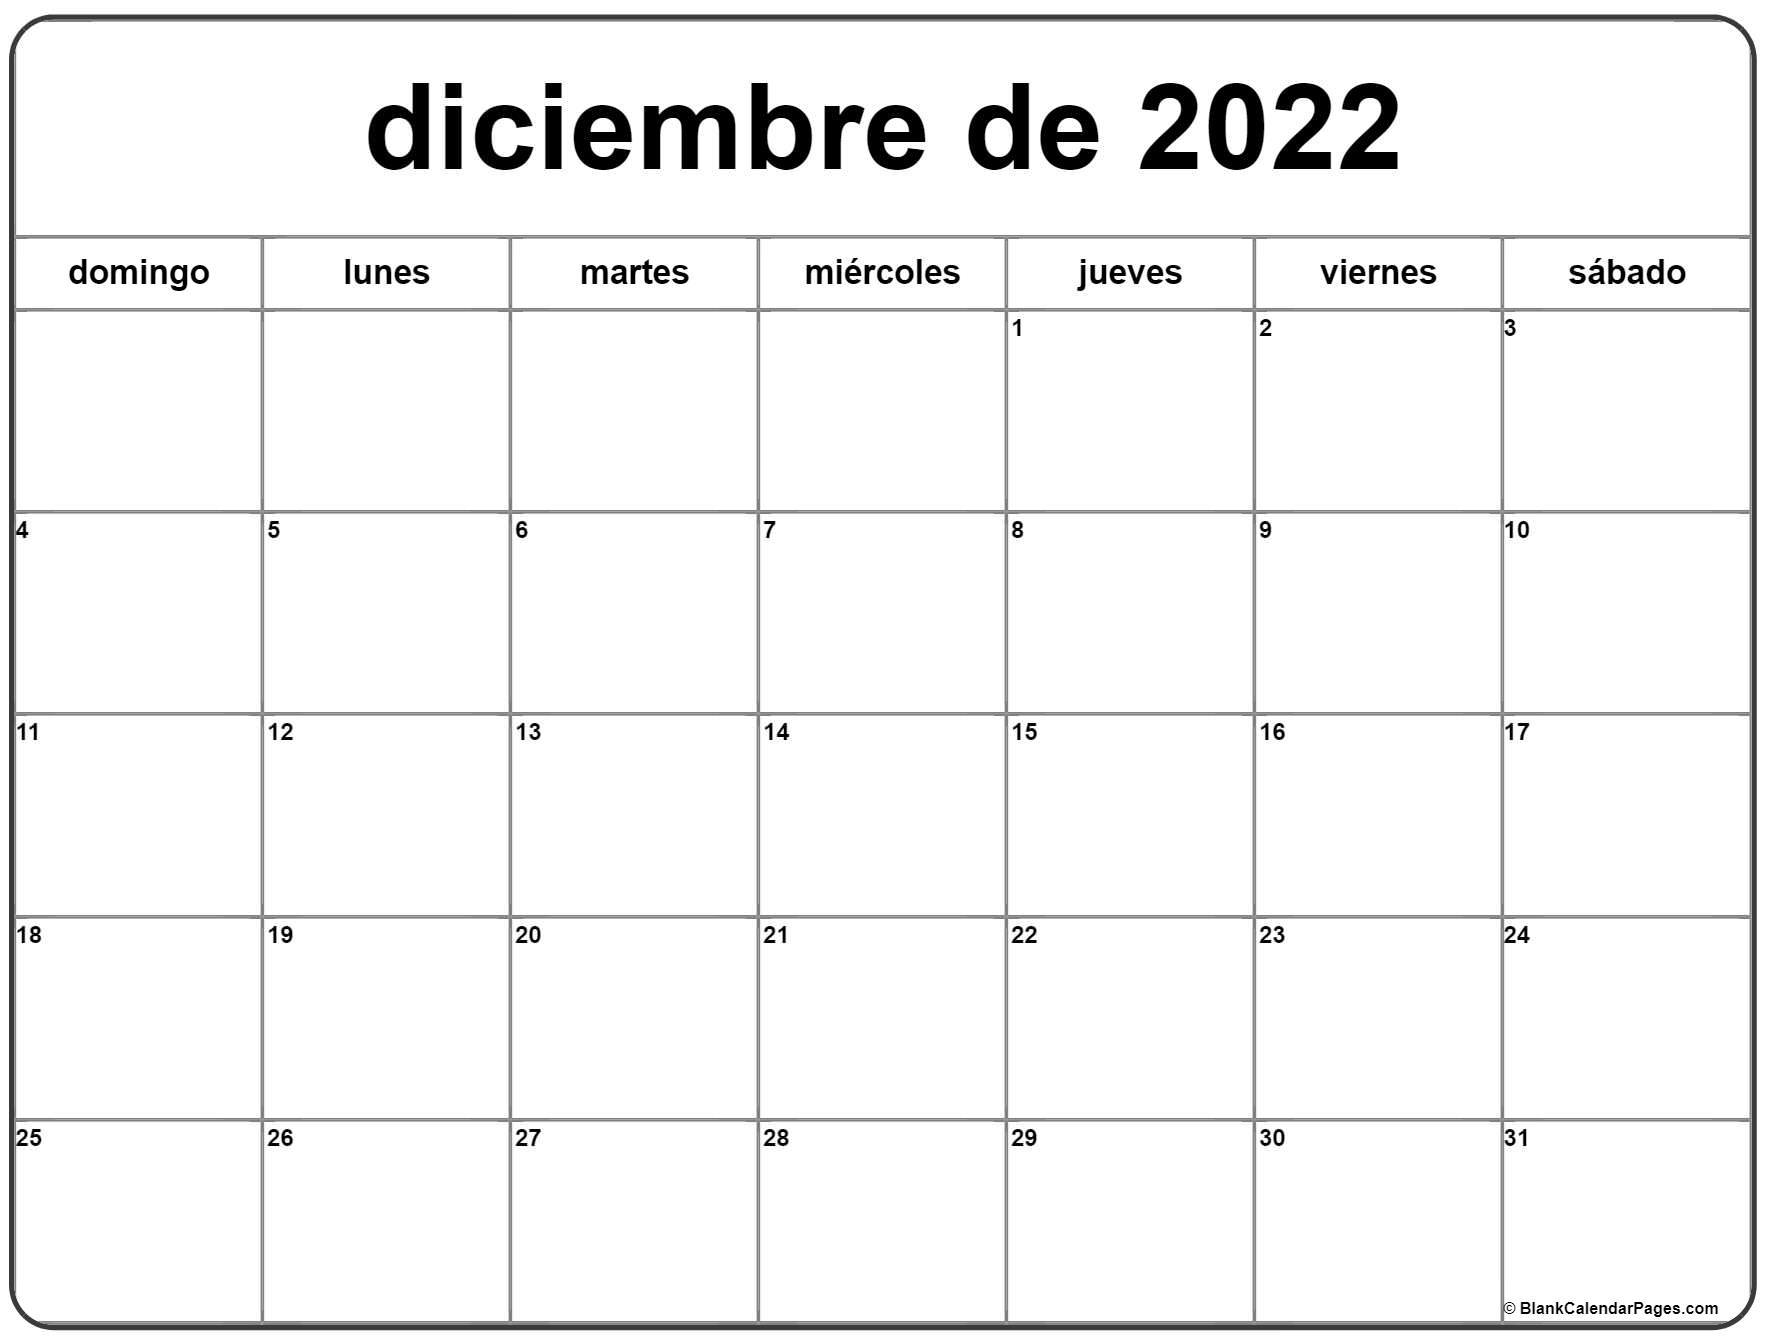 diciembre de 2022 calendrario